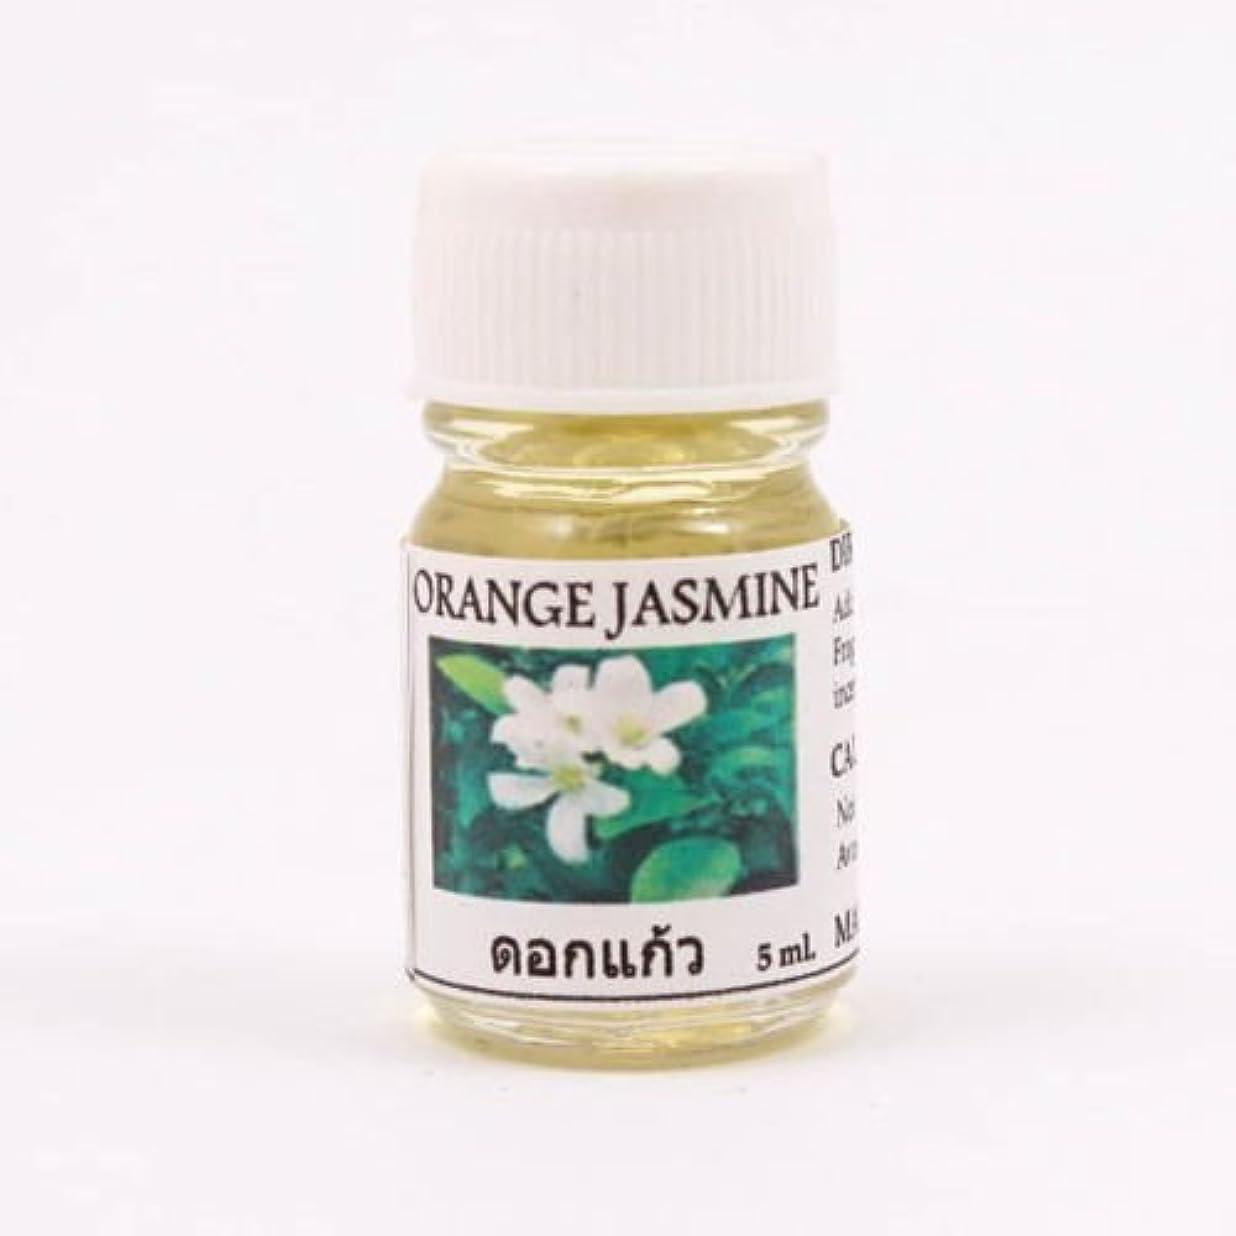 フリッパー接続された着飾る6X Orange Jasmine Aroma Fragrance Essential Oil 5ML. (cc) Diffuser Burner